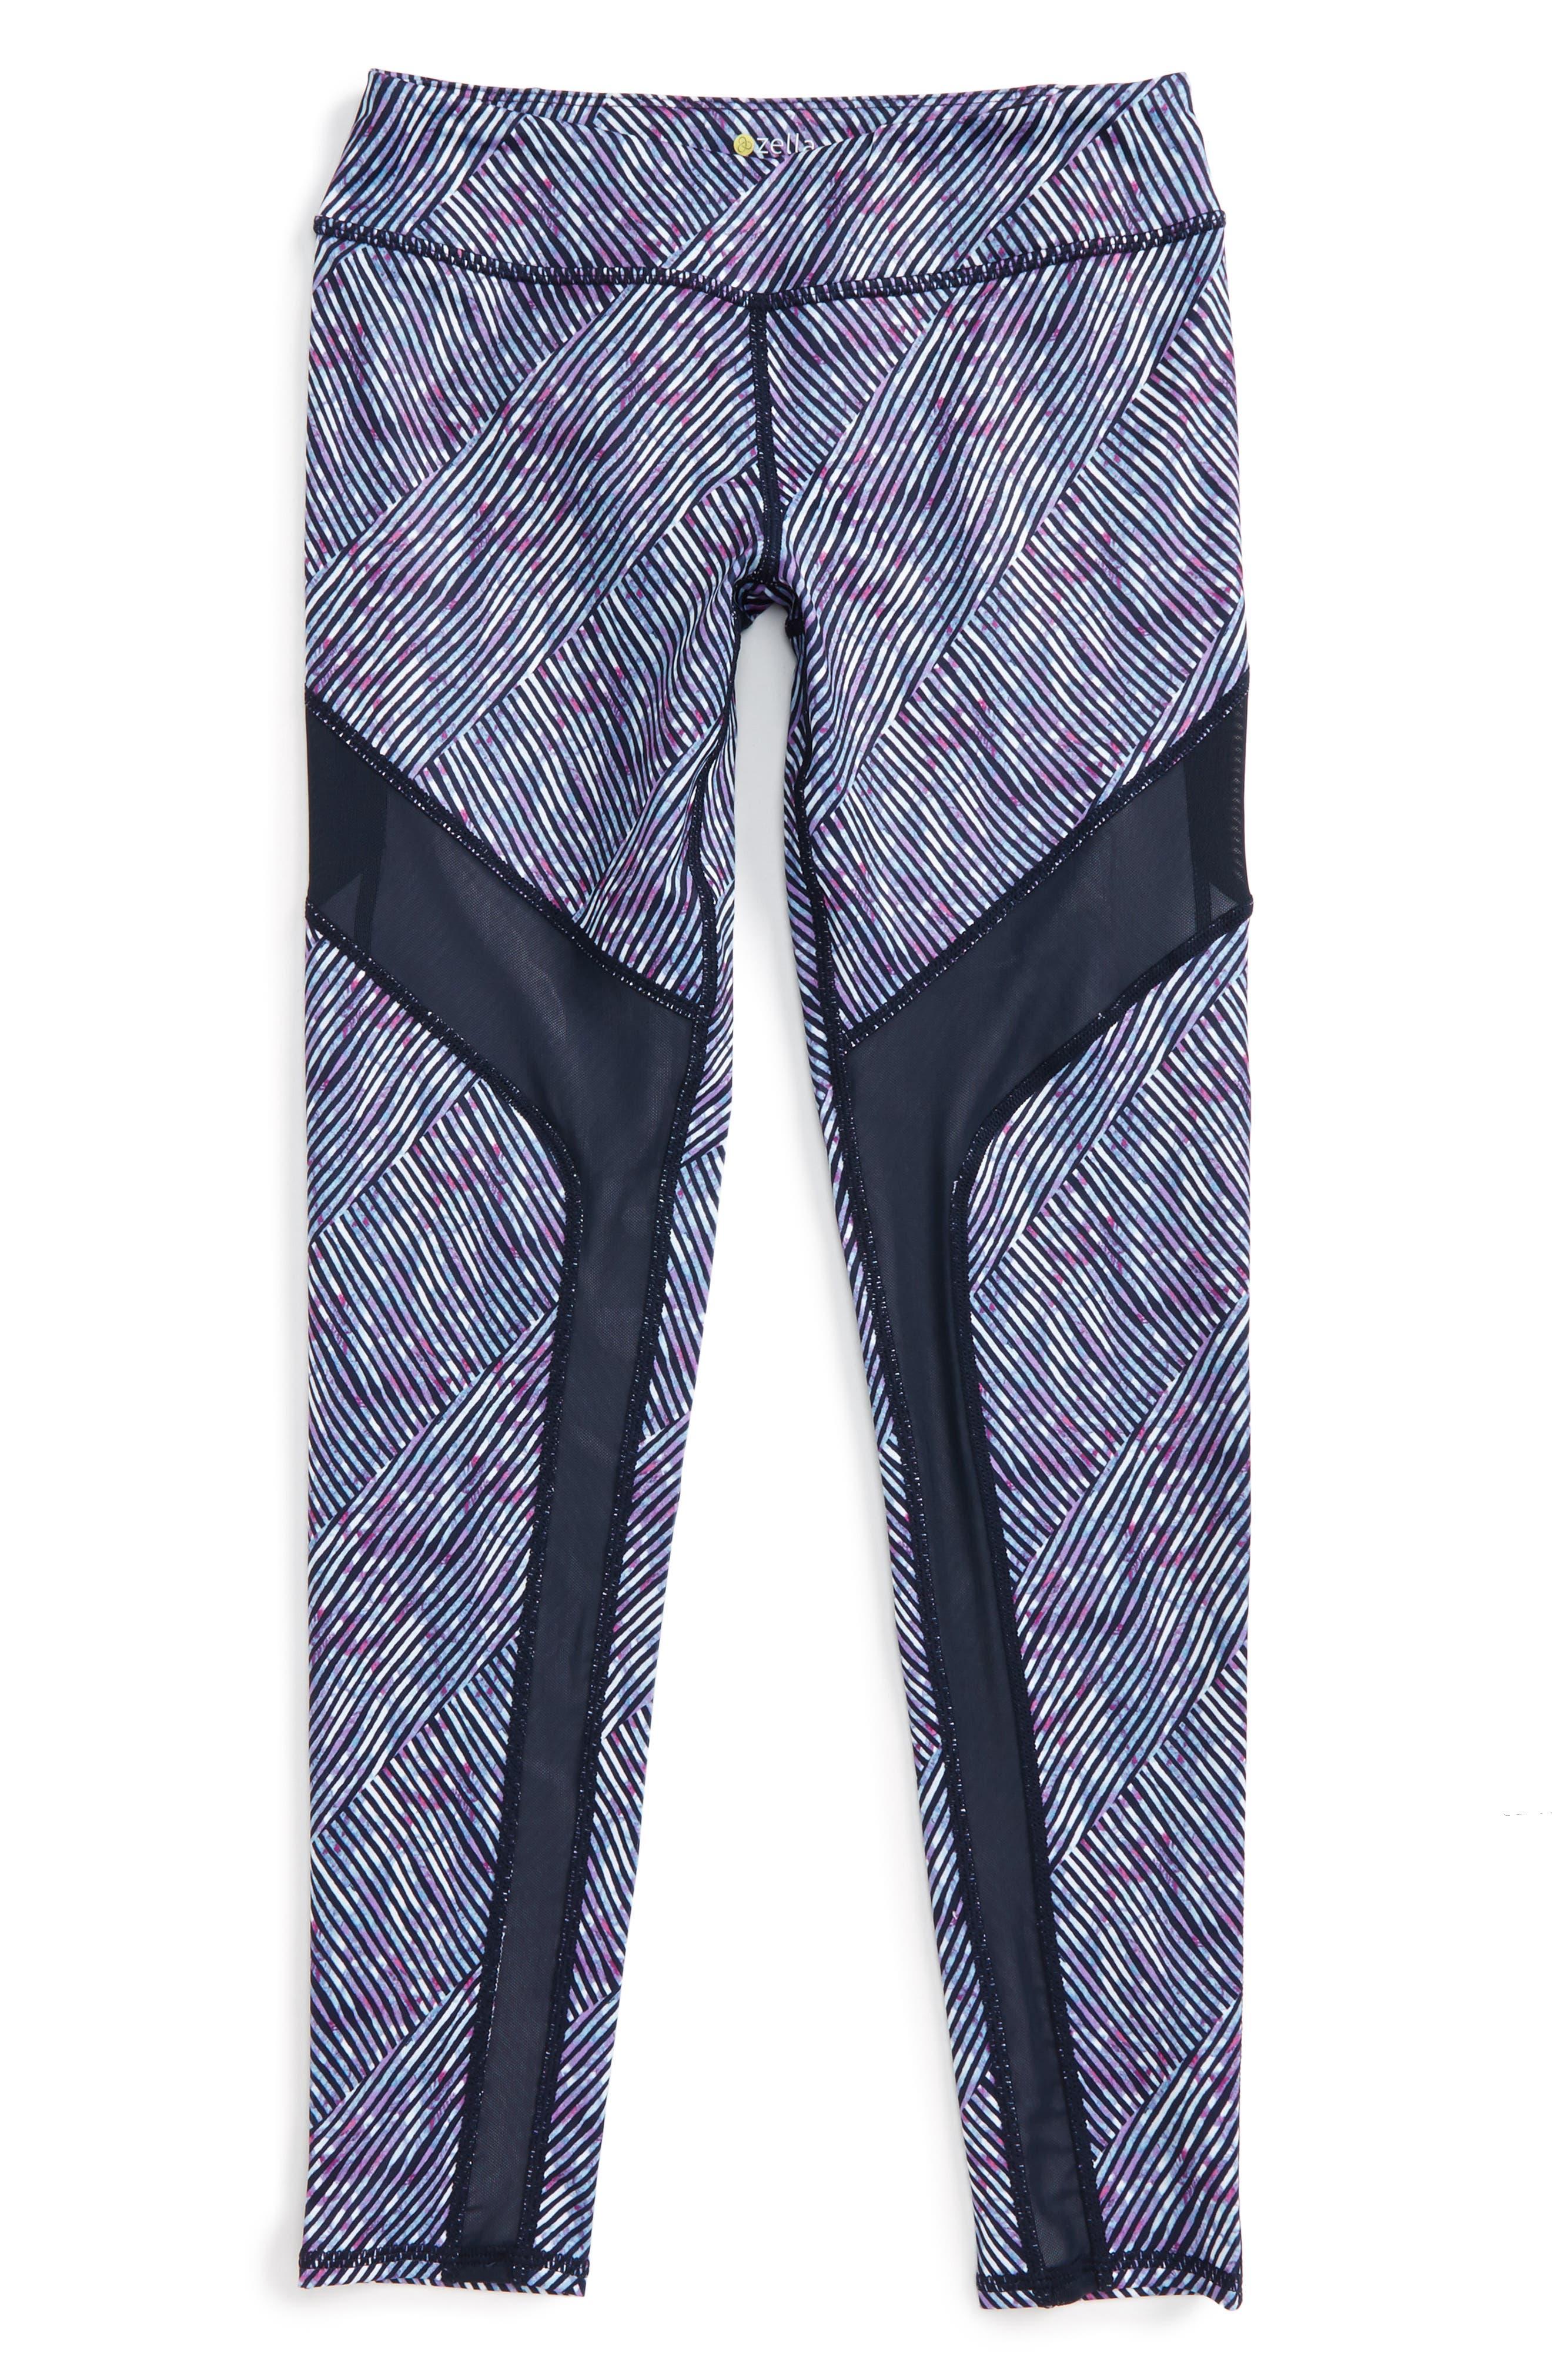 Mesh Trim Print Leggings,                         Main,                         color, Navy Eclipse Diagonal Wash